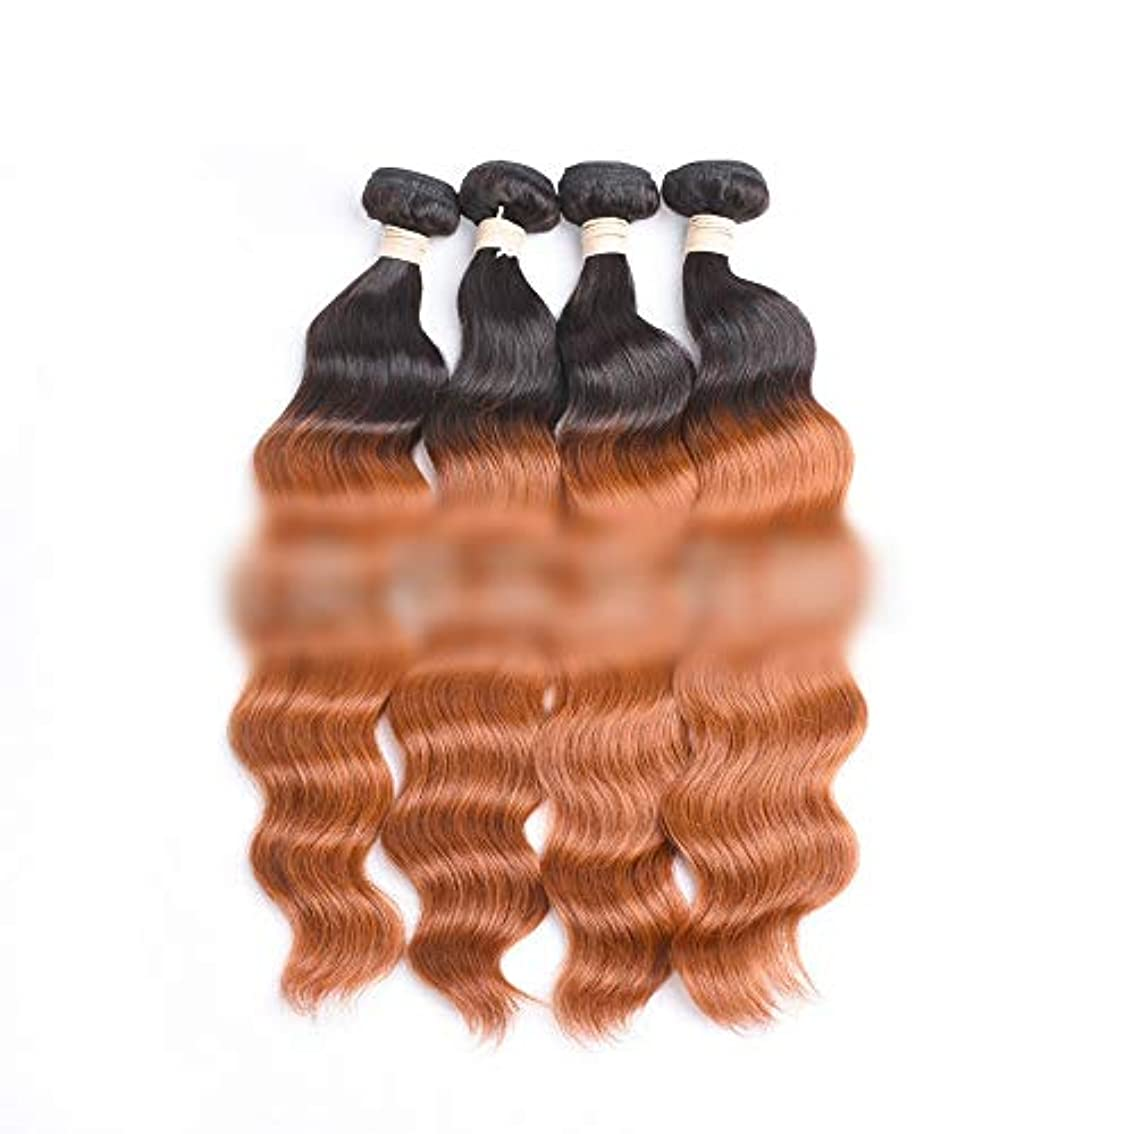 火炎賞葉を集めるWASAIO #30明るいブラウン色 - ハロウィンヘアアクセサリーウィッグは女性1つのバンドル未処理の人毛エクステンション用キャップ (色 : ブラウン, サイズ : 20 inch)